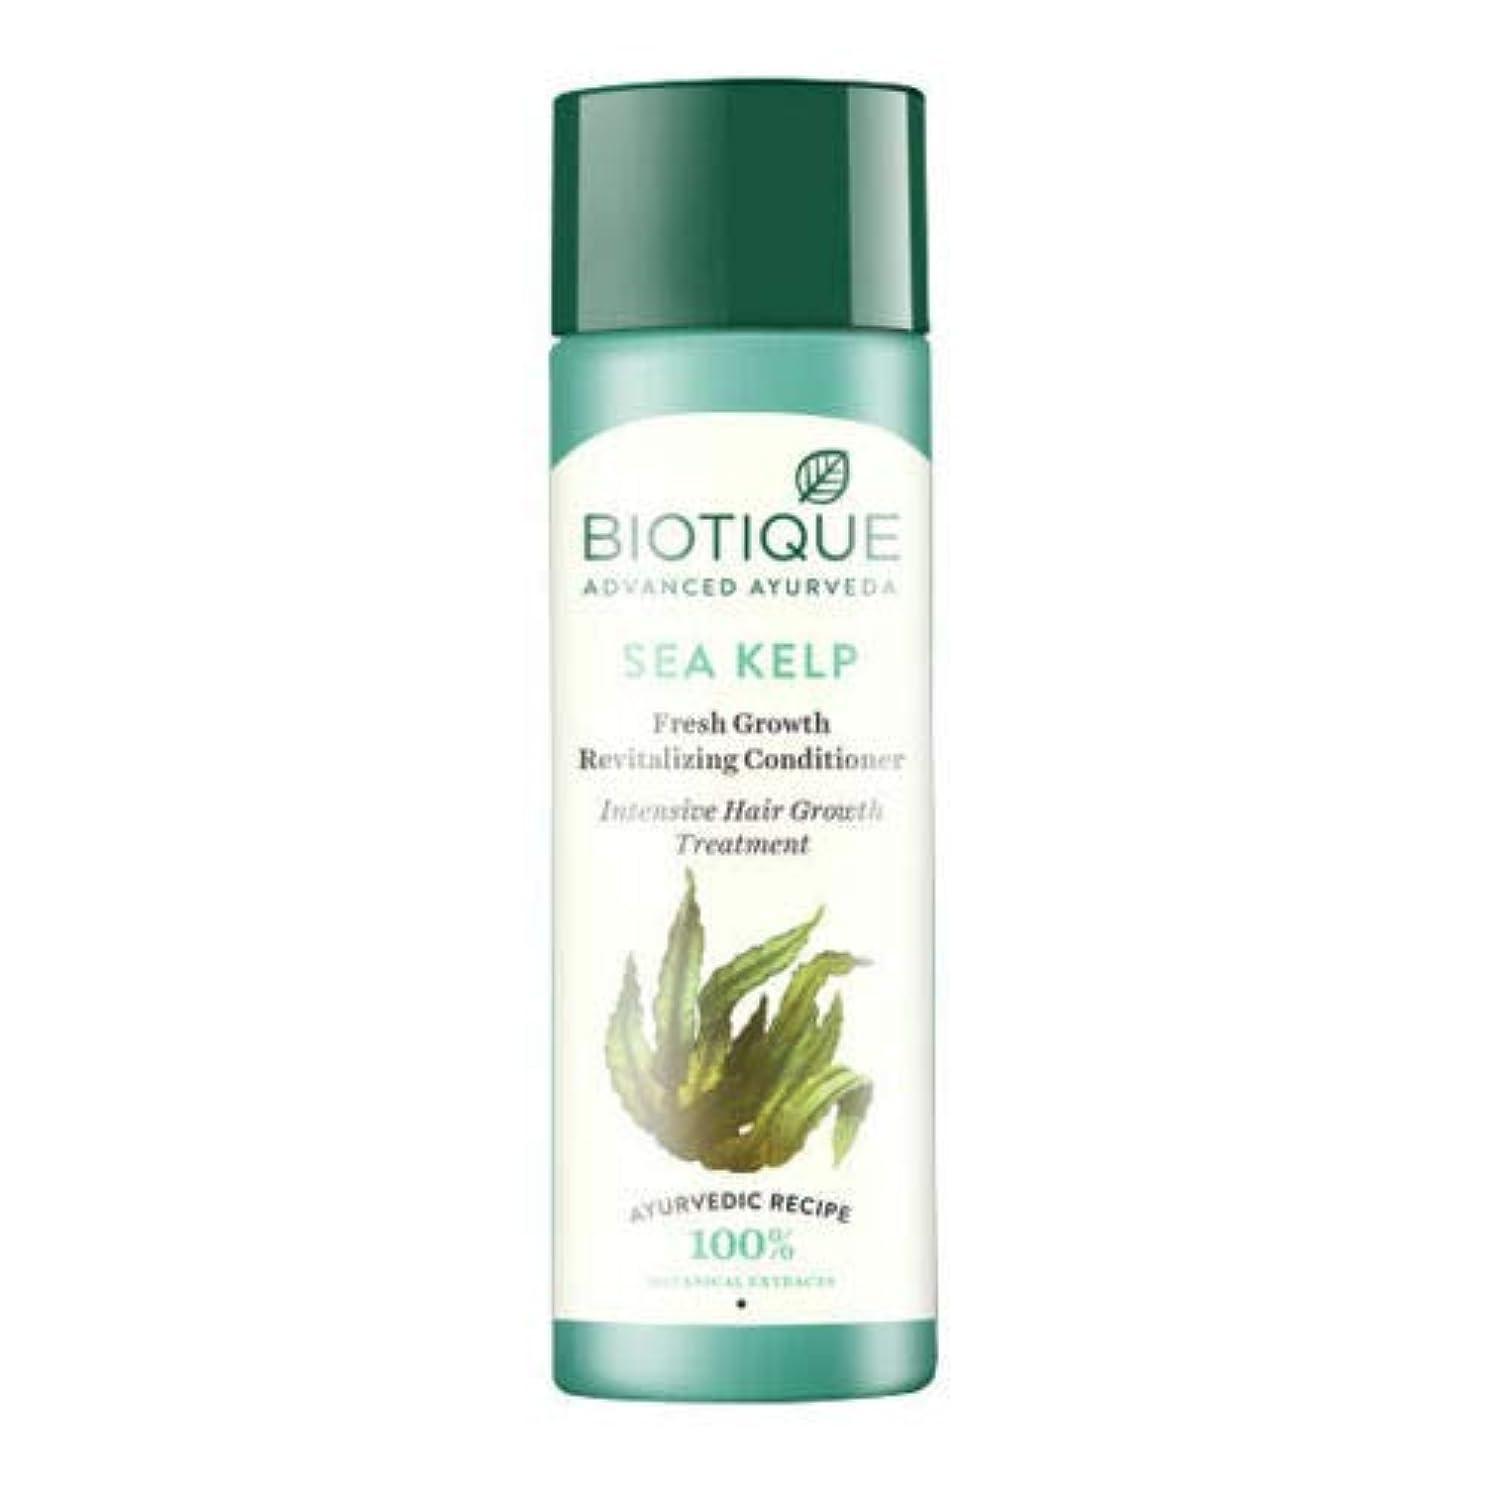 海柔らかい足考えたBiotique Bio Sea Kelp Fresh Growth Revitalizing Conditioner (120 ml) hair Growth Biotiqueバイオシーケルプフレッシュグロースリジュライジングコンディショナー育毛